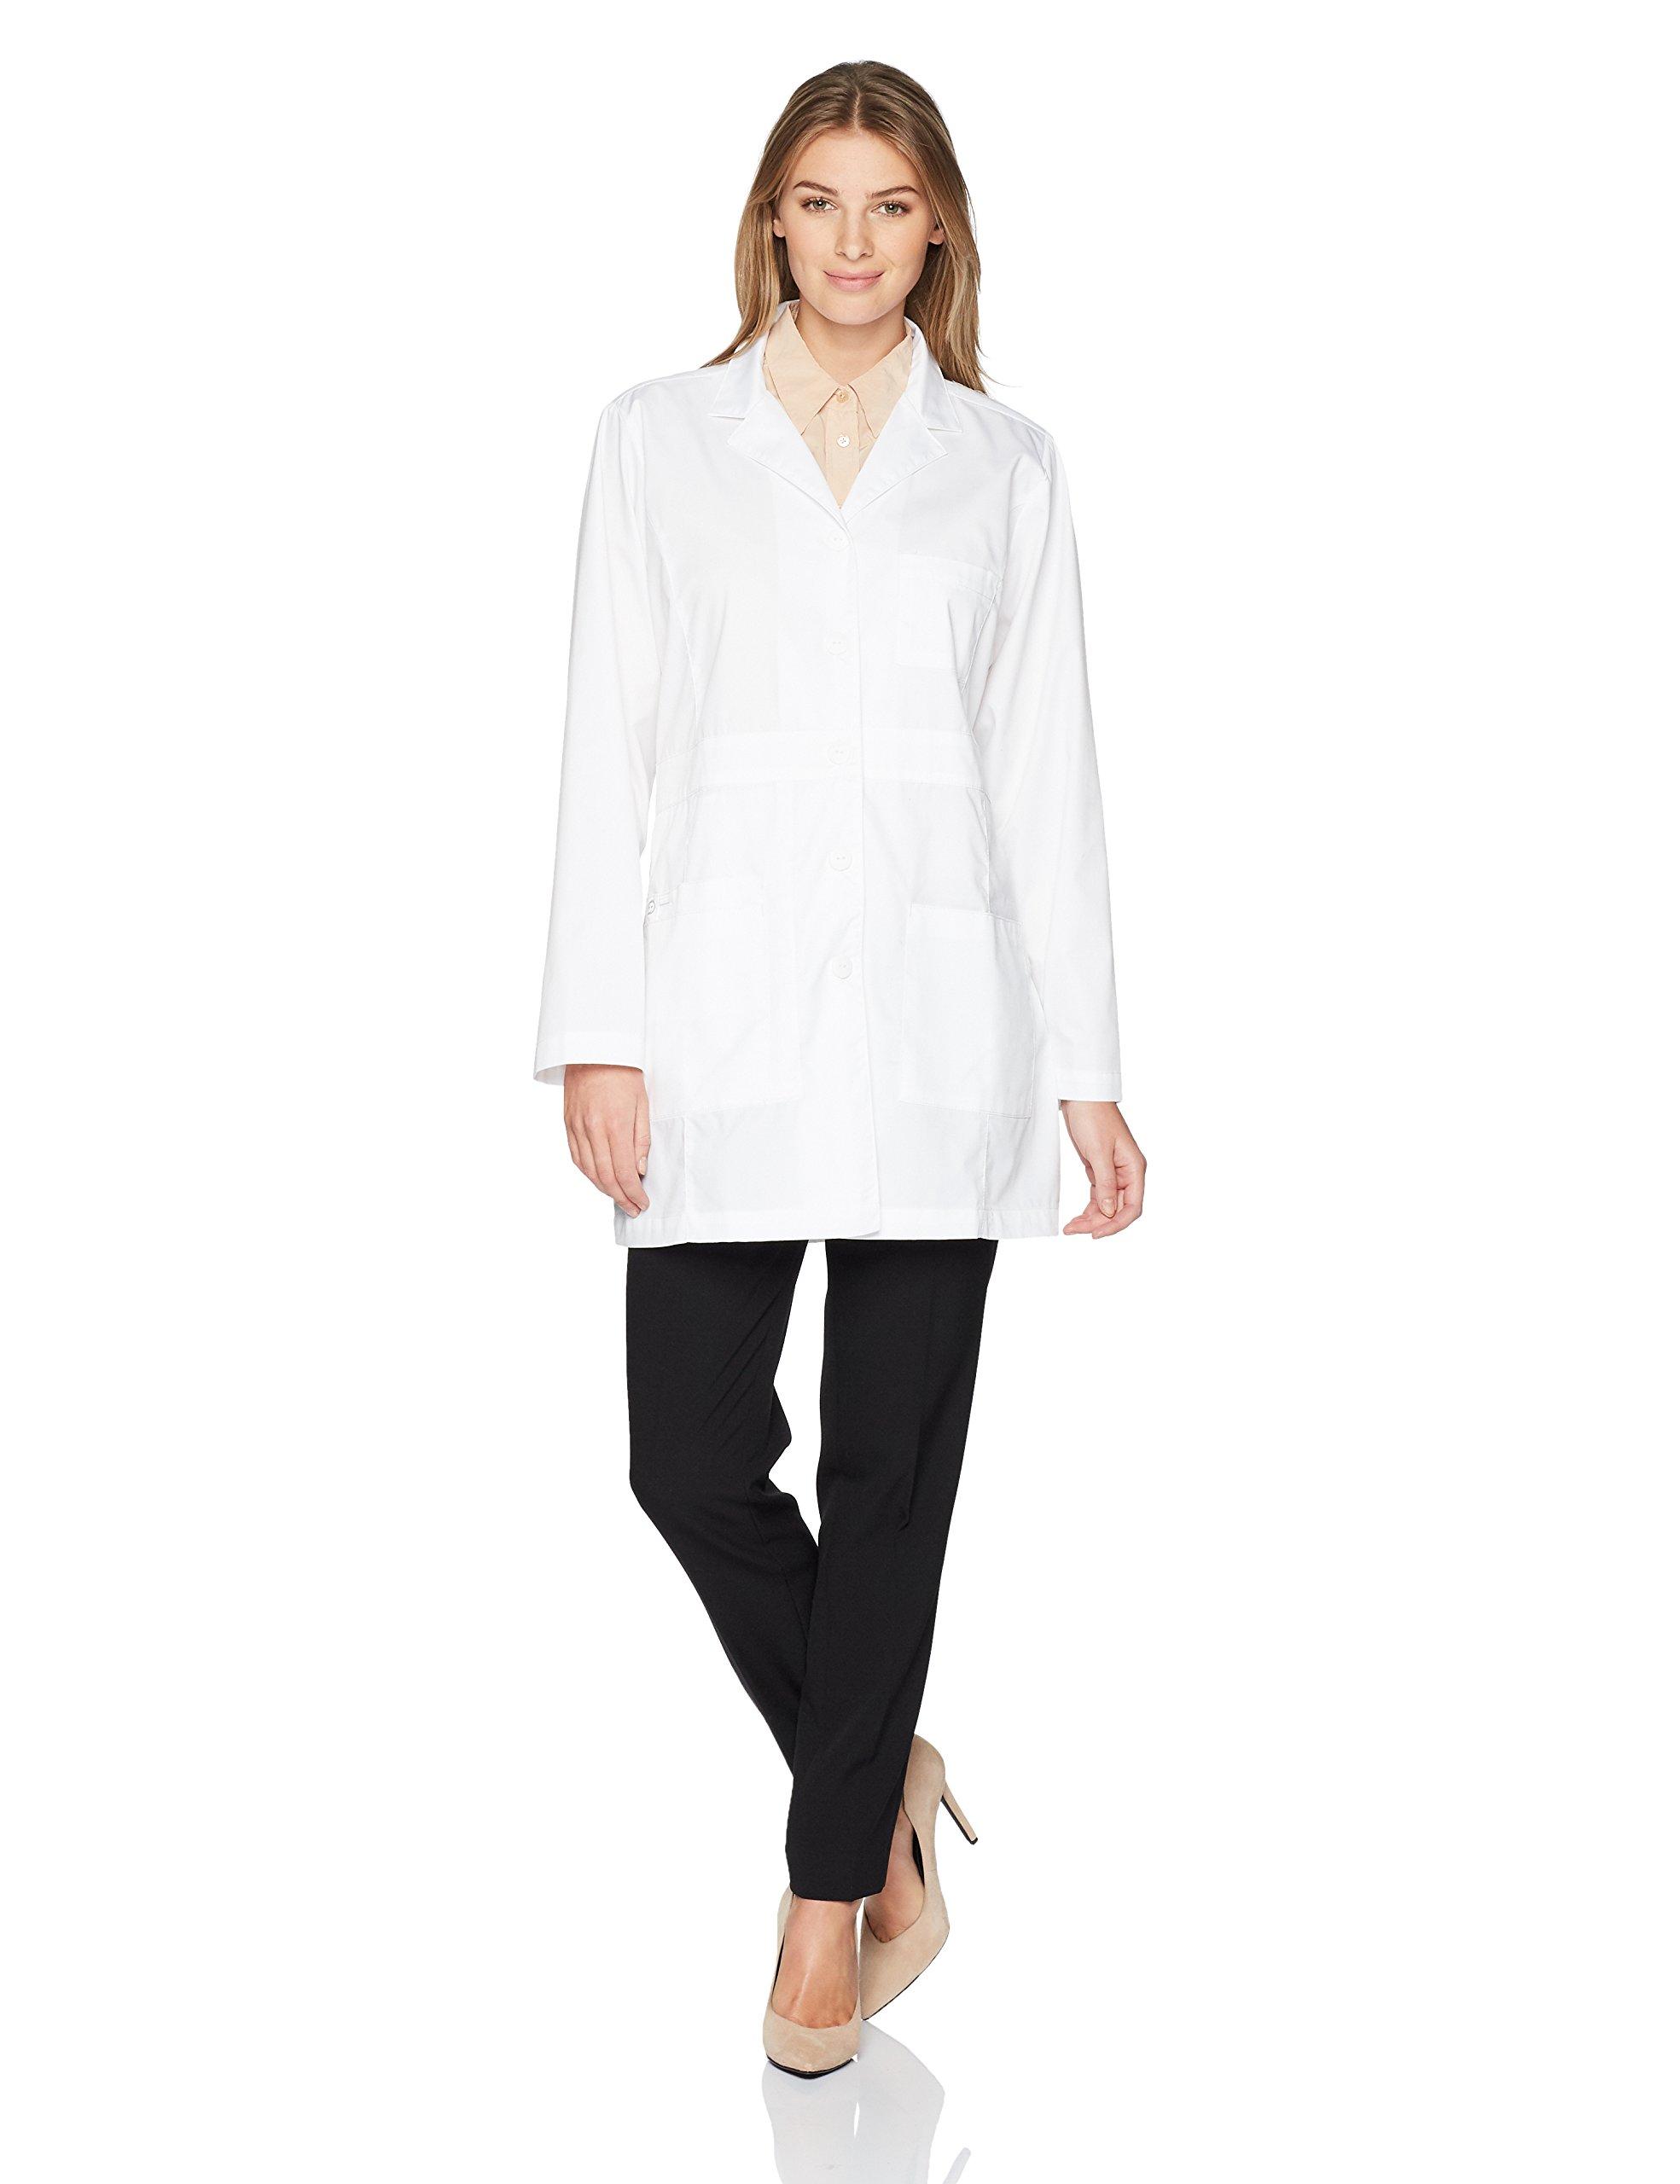 WonderWink Women's Plus Size Basic Lab Coat, White, 3X-Large